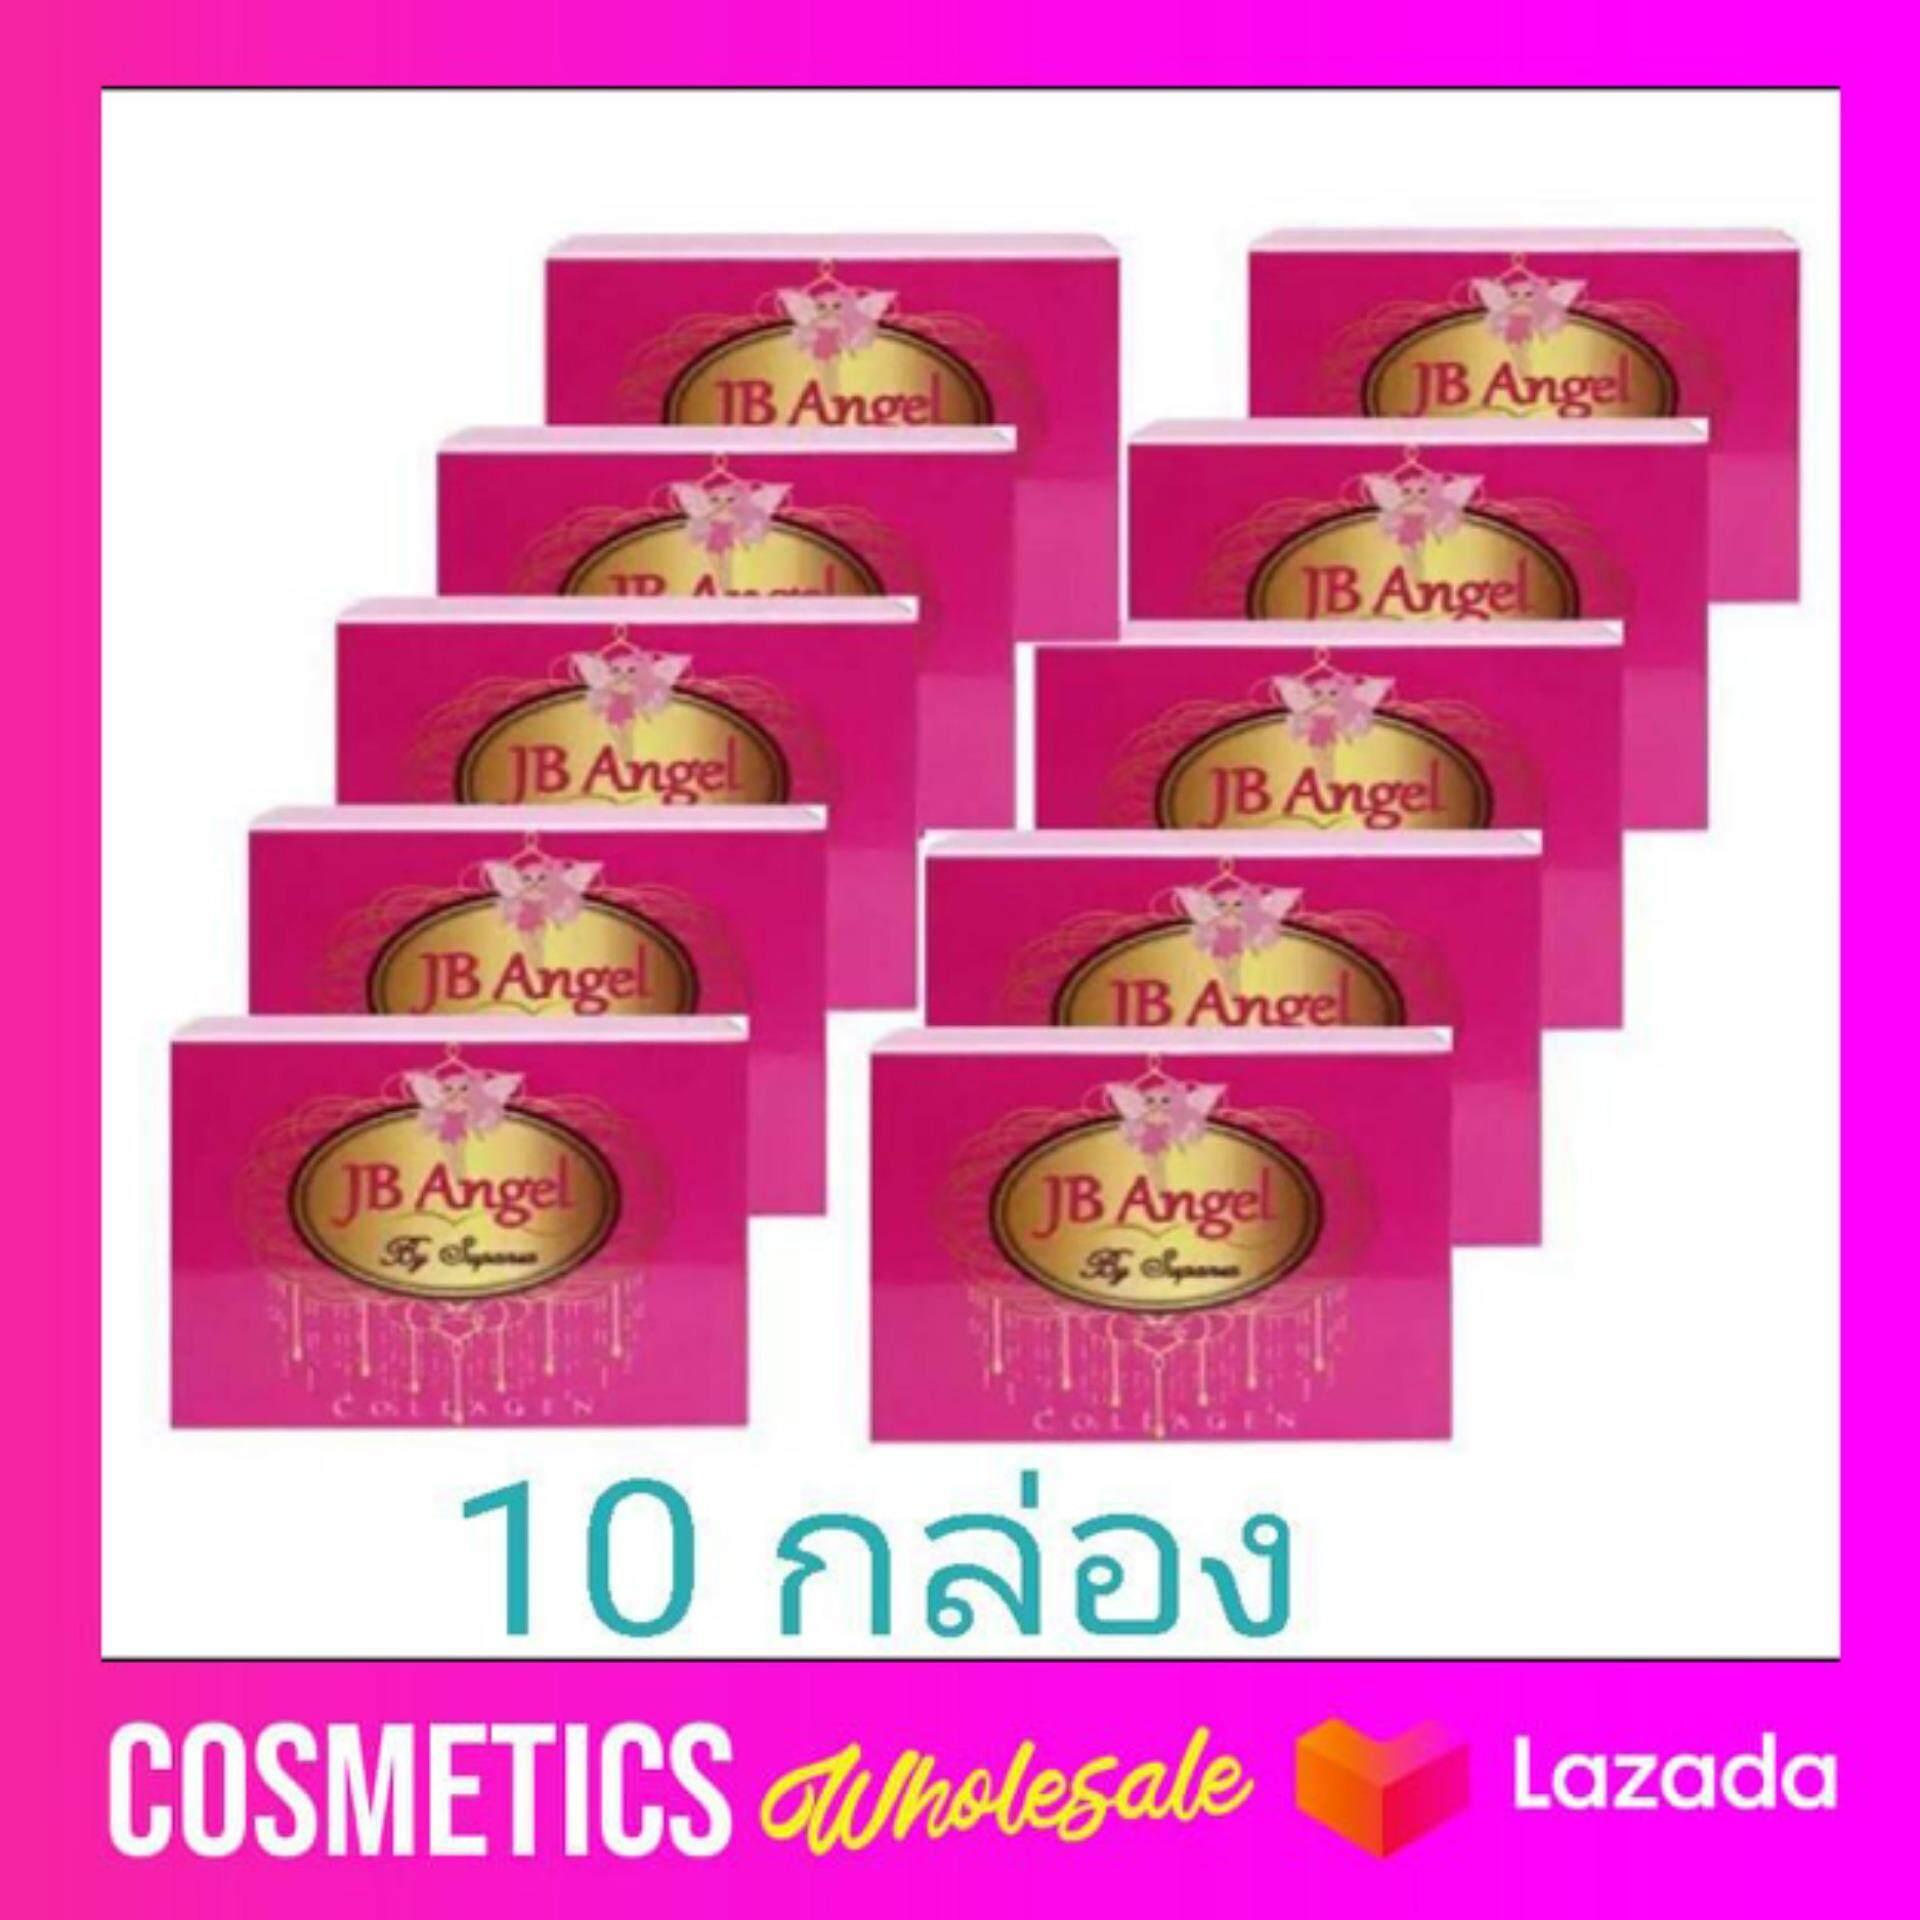 ( 10 ก้อน / พร้อมส่ง ) JB angel collagen สบู่อนามัย ล้างจุดซ่อนเร้น 70 กรัม 10 ก้อน เจบี แองเจิล jb angel สบู่ soap เพื่อสุขภาพ ภายใน ของ ผู้หญิง JBAngel